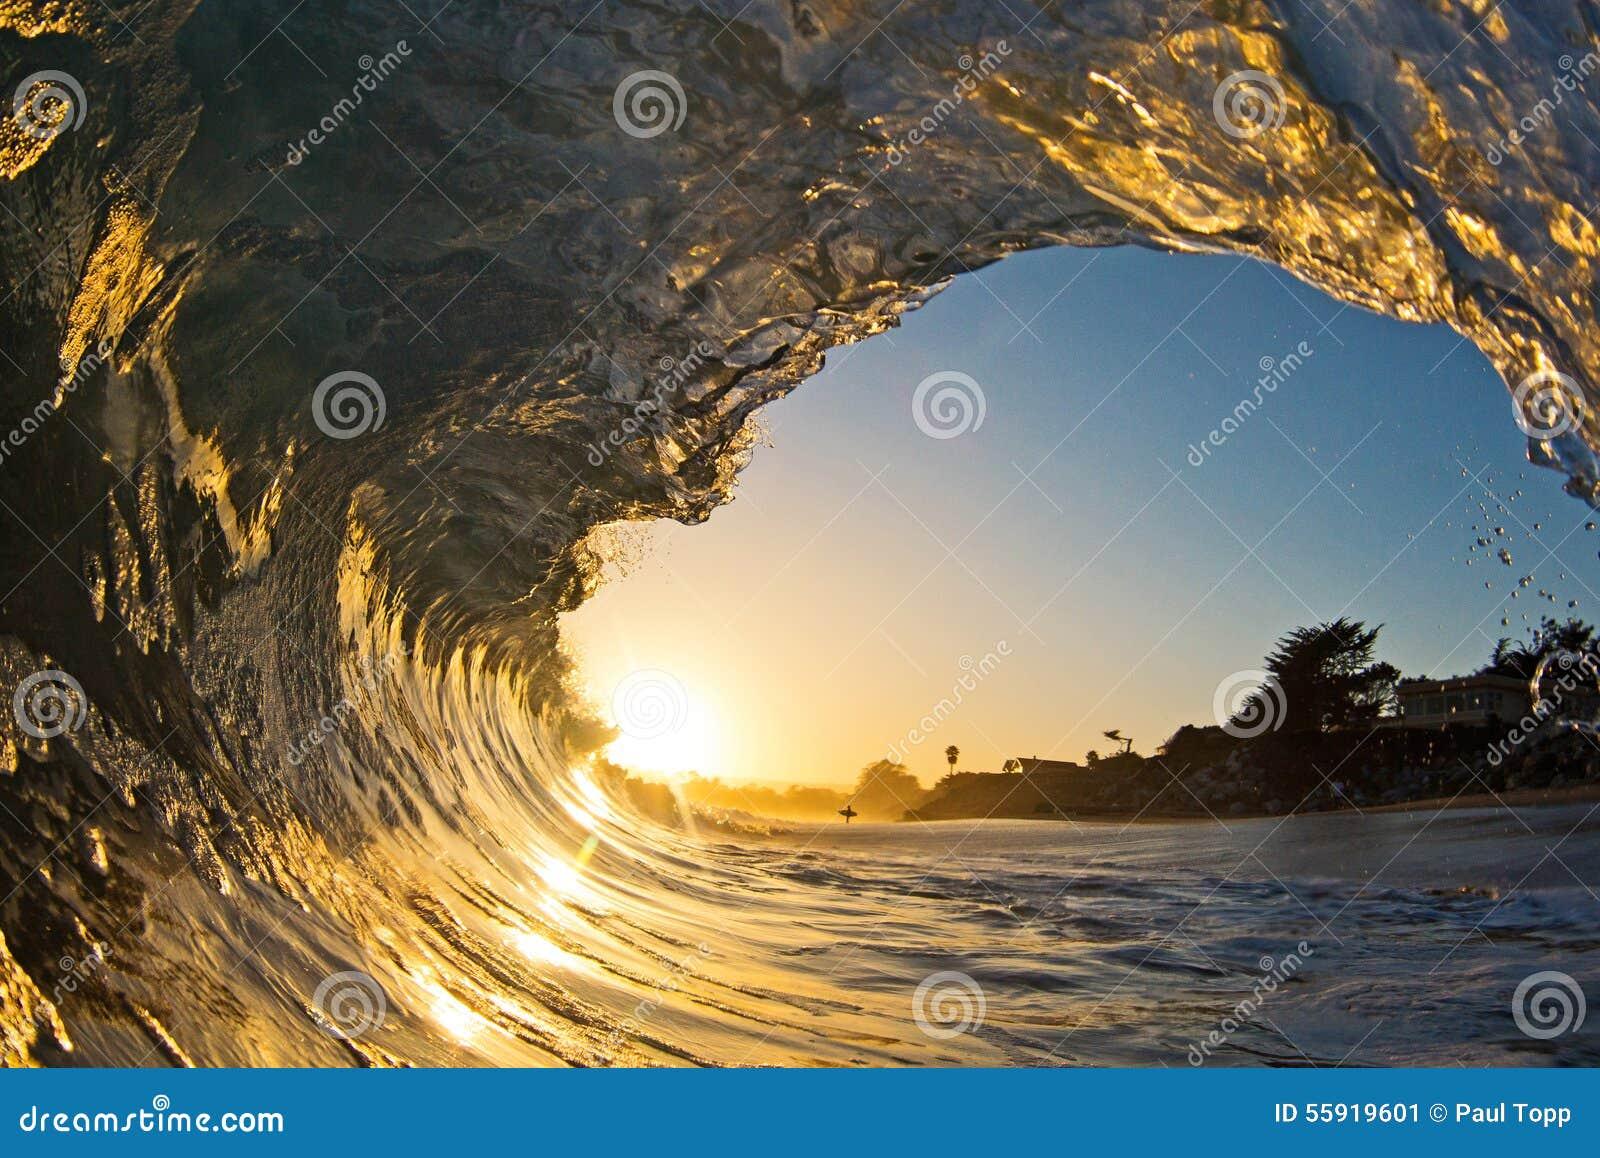 Un solo tubo de la ola oceánica en la puesta del sol en la playa